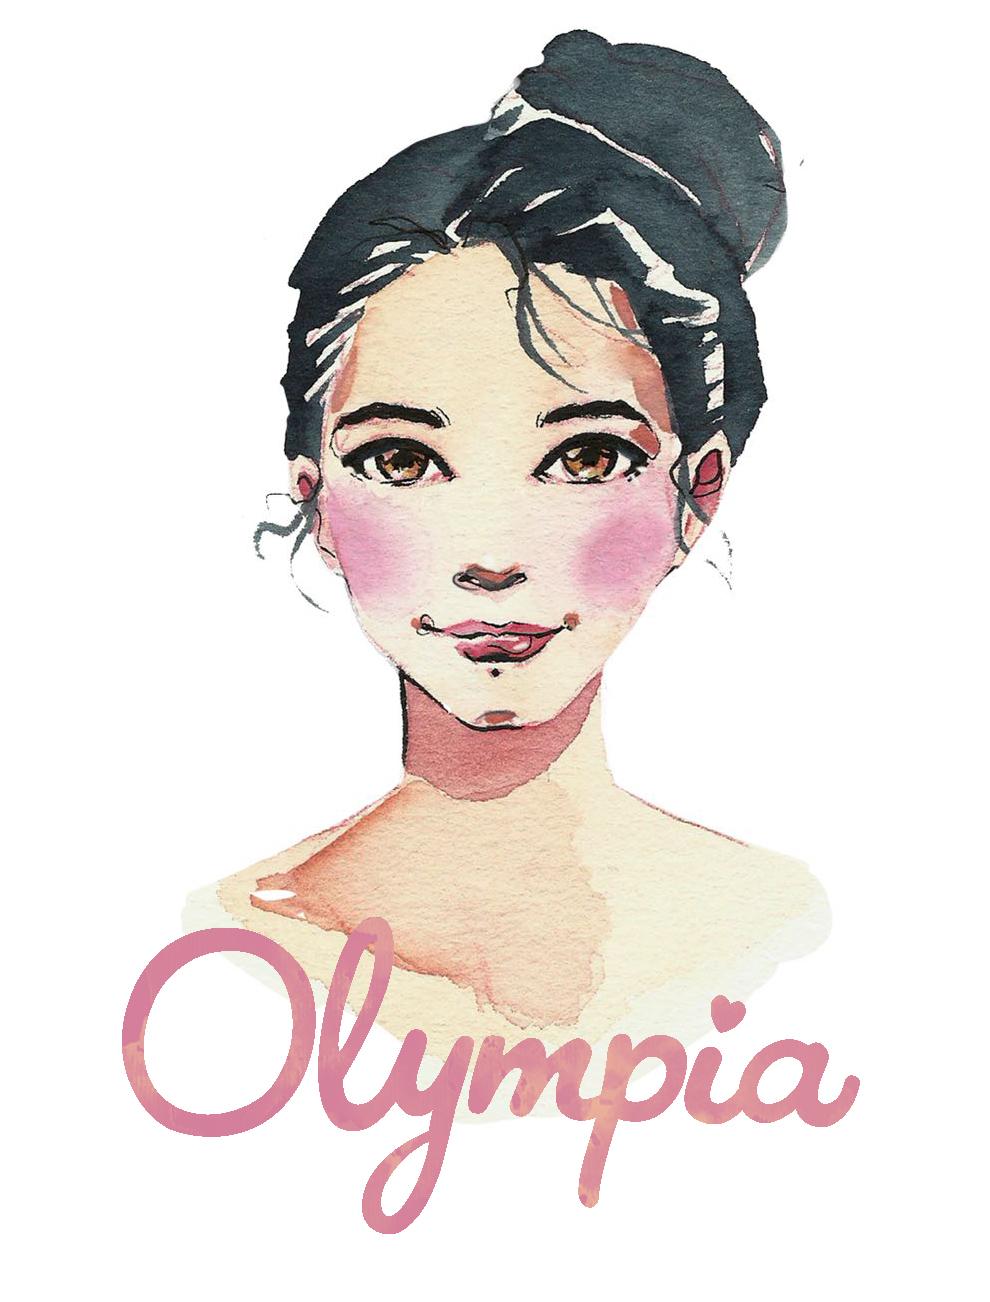 Encuentro de Olympia con sus lectores